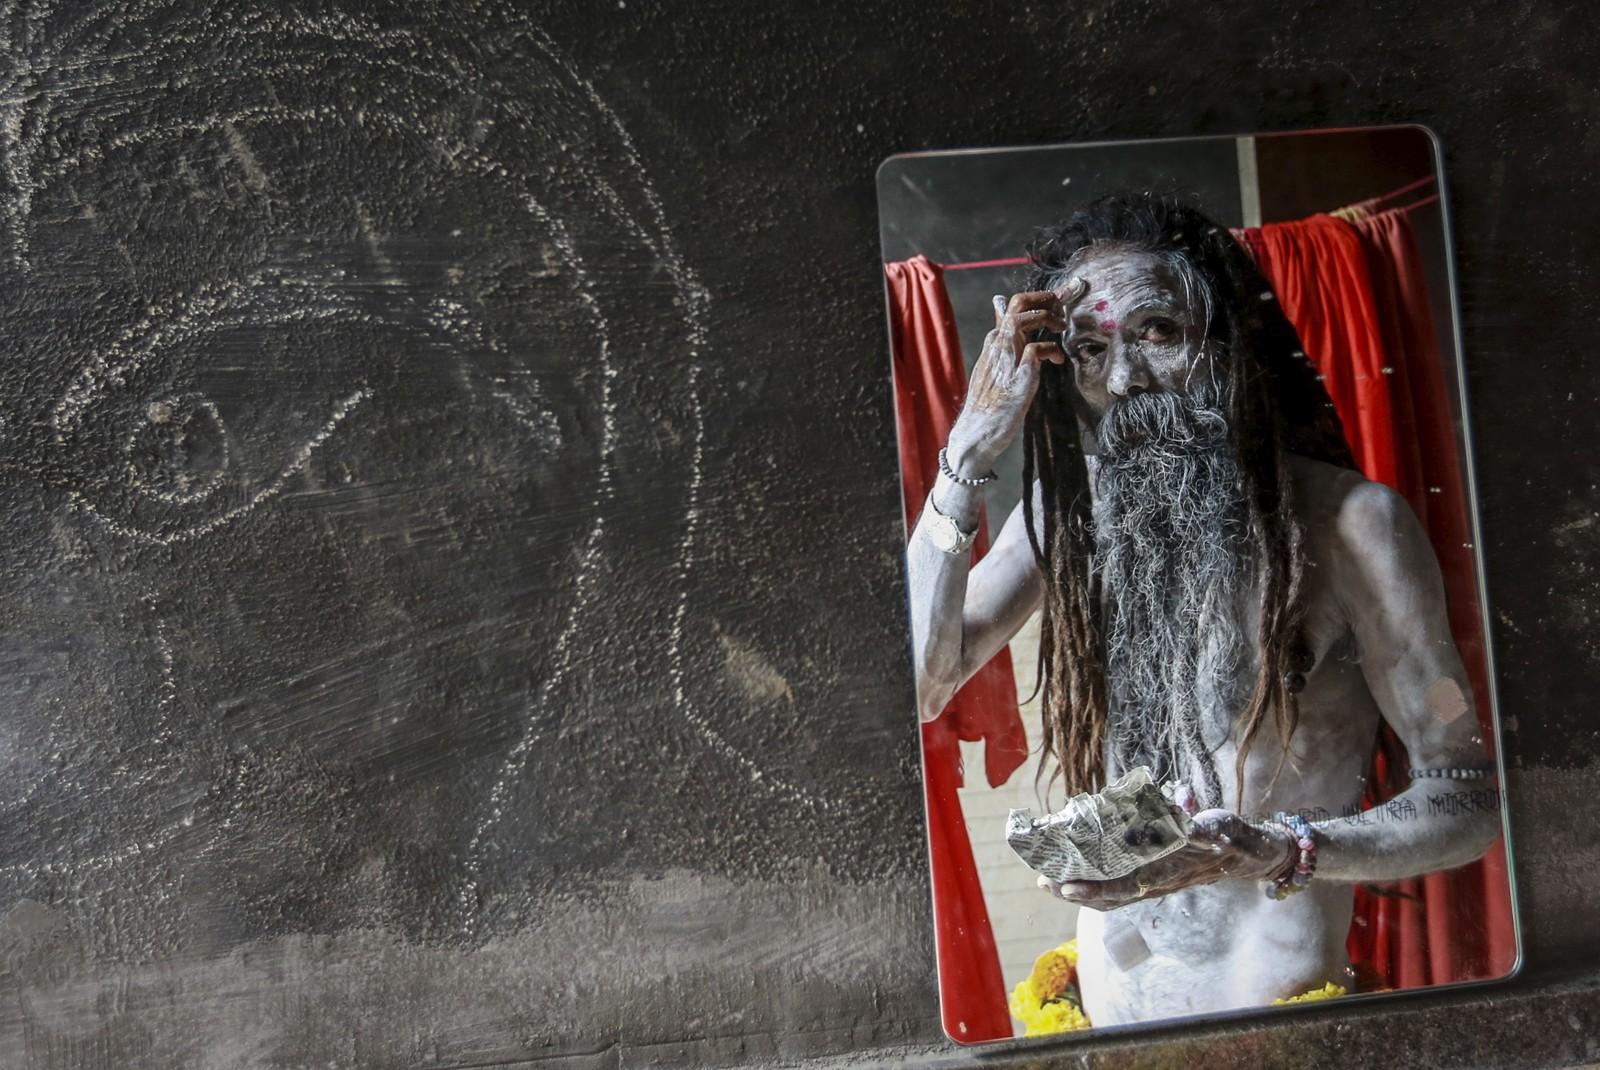 Denne hellige mannen påfører aske før han skal delta i festivalen Kumbh Mela i Trimbakeshwar, India. Flere hundre tusen mennesker deltok i den religiøse festivalen som avholdes hvert 12. år i forskjellige indiske byer.